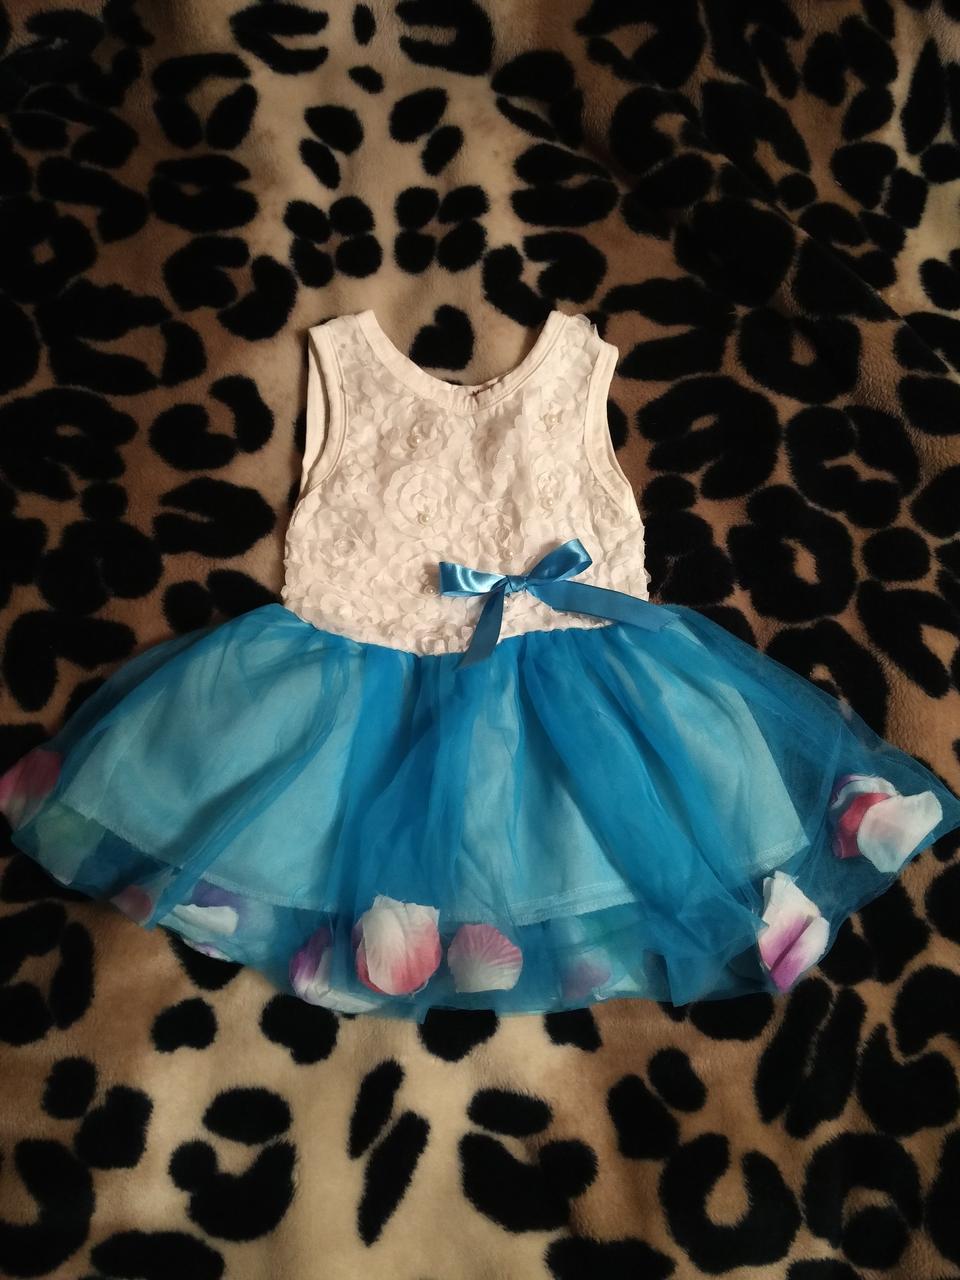 Нарядное платье детское для принцессы на праздник 1 год (80 см)